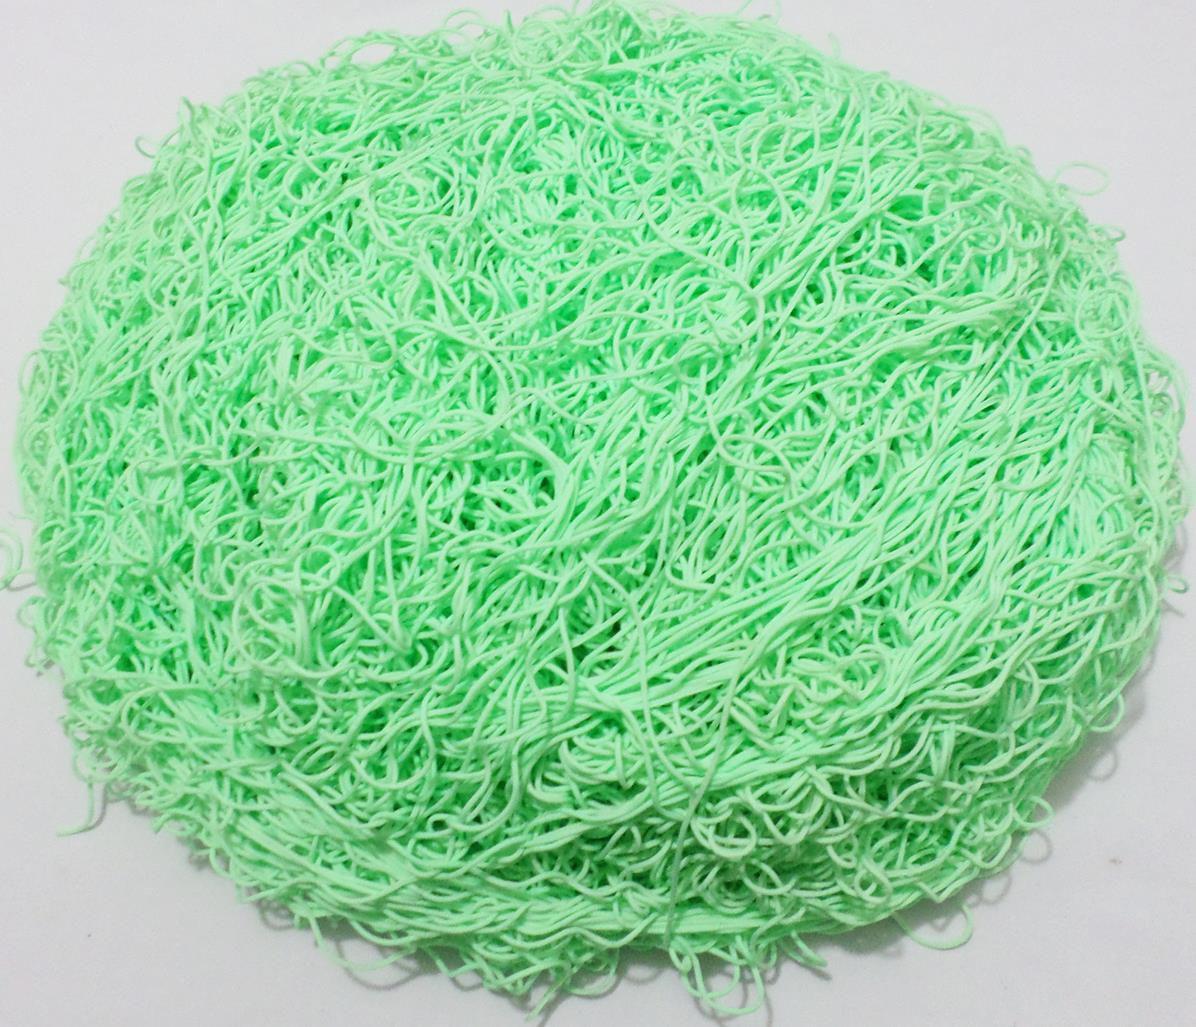 Tira de Macarrão/Espaguete 1.180g Verde